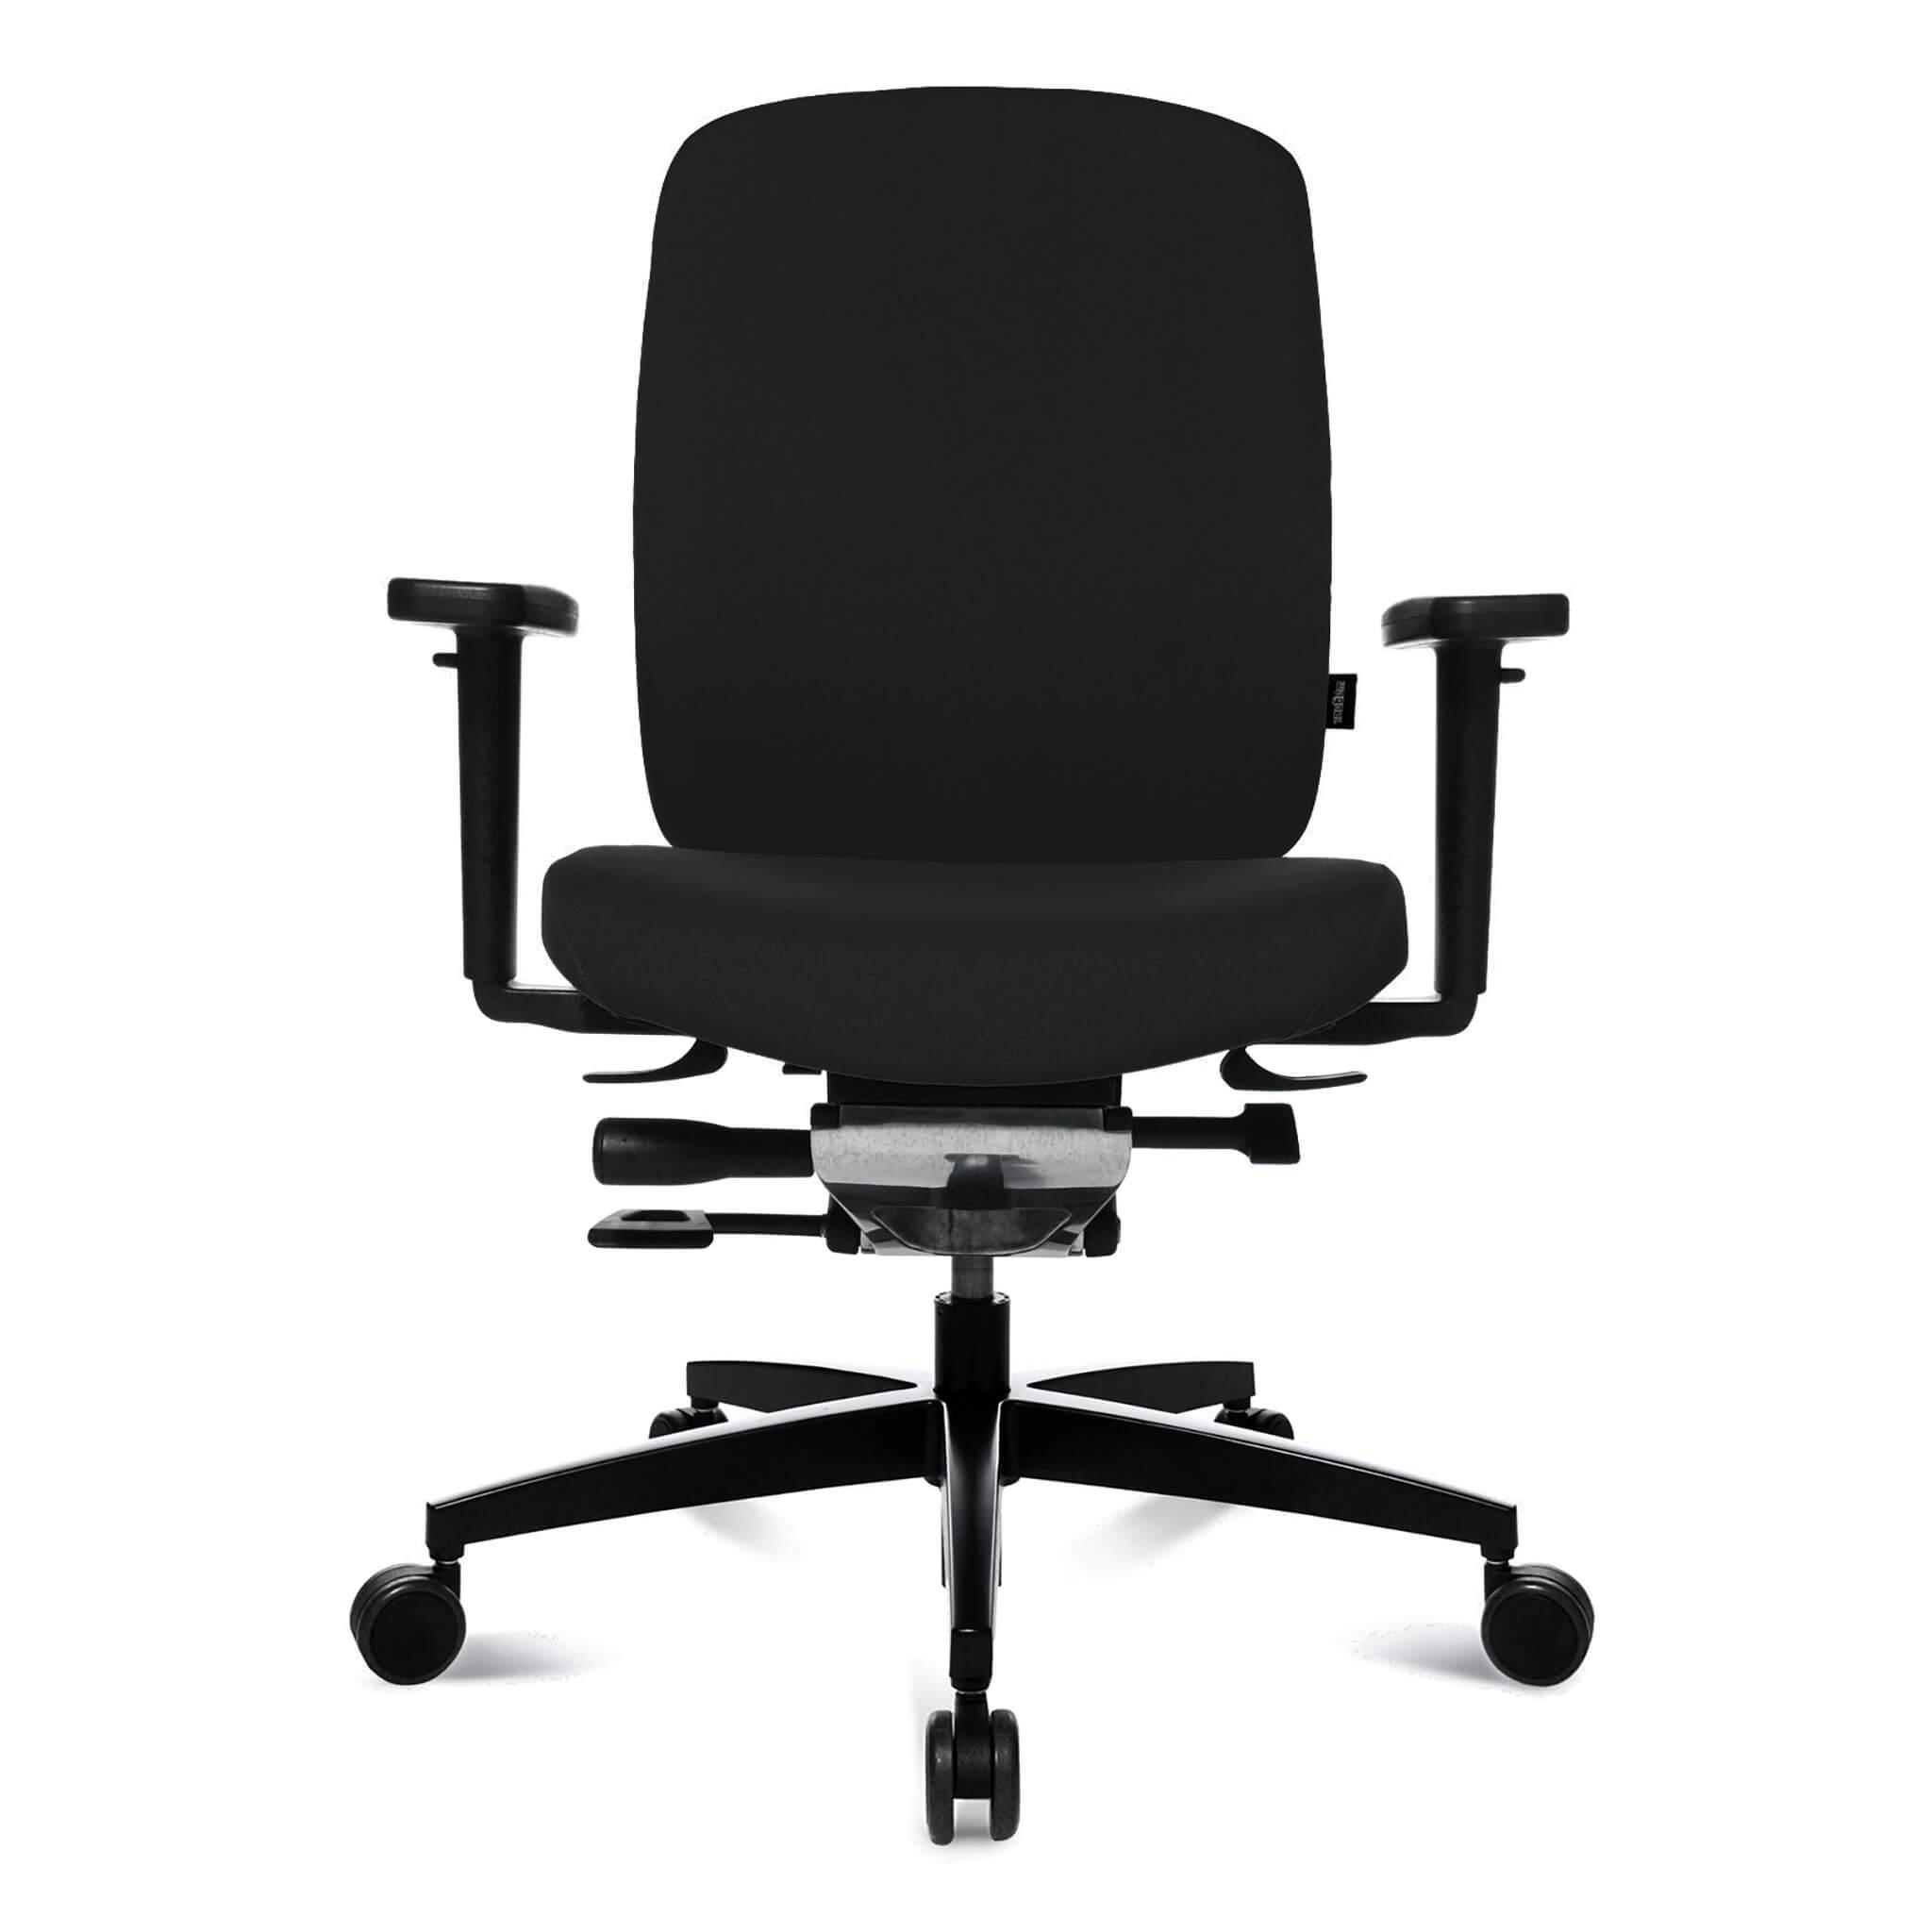 Wagner AluMedic 15 Bürostuhl mit Dondola-Gelenk, Sitztiefen- und Sitzneigeverstellung